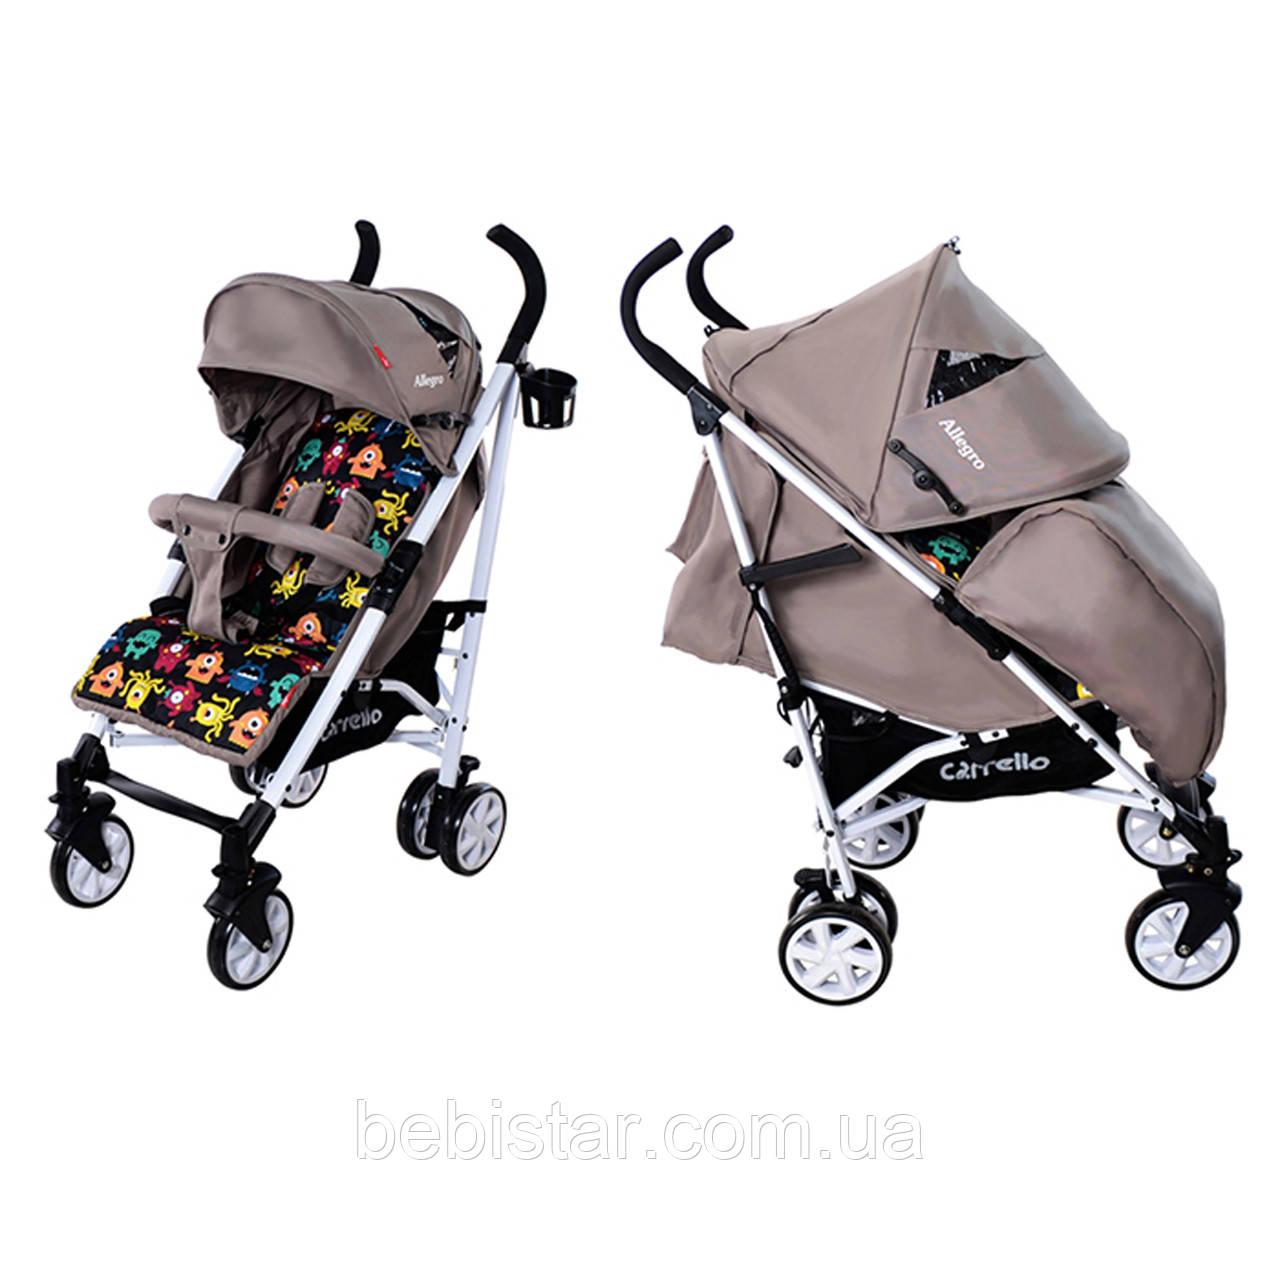 Дитяча коляска-тростина CARRELLO Allegro CRL-10101 Monster Beige